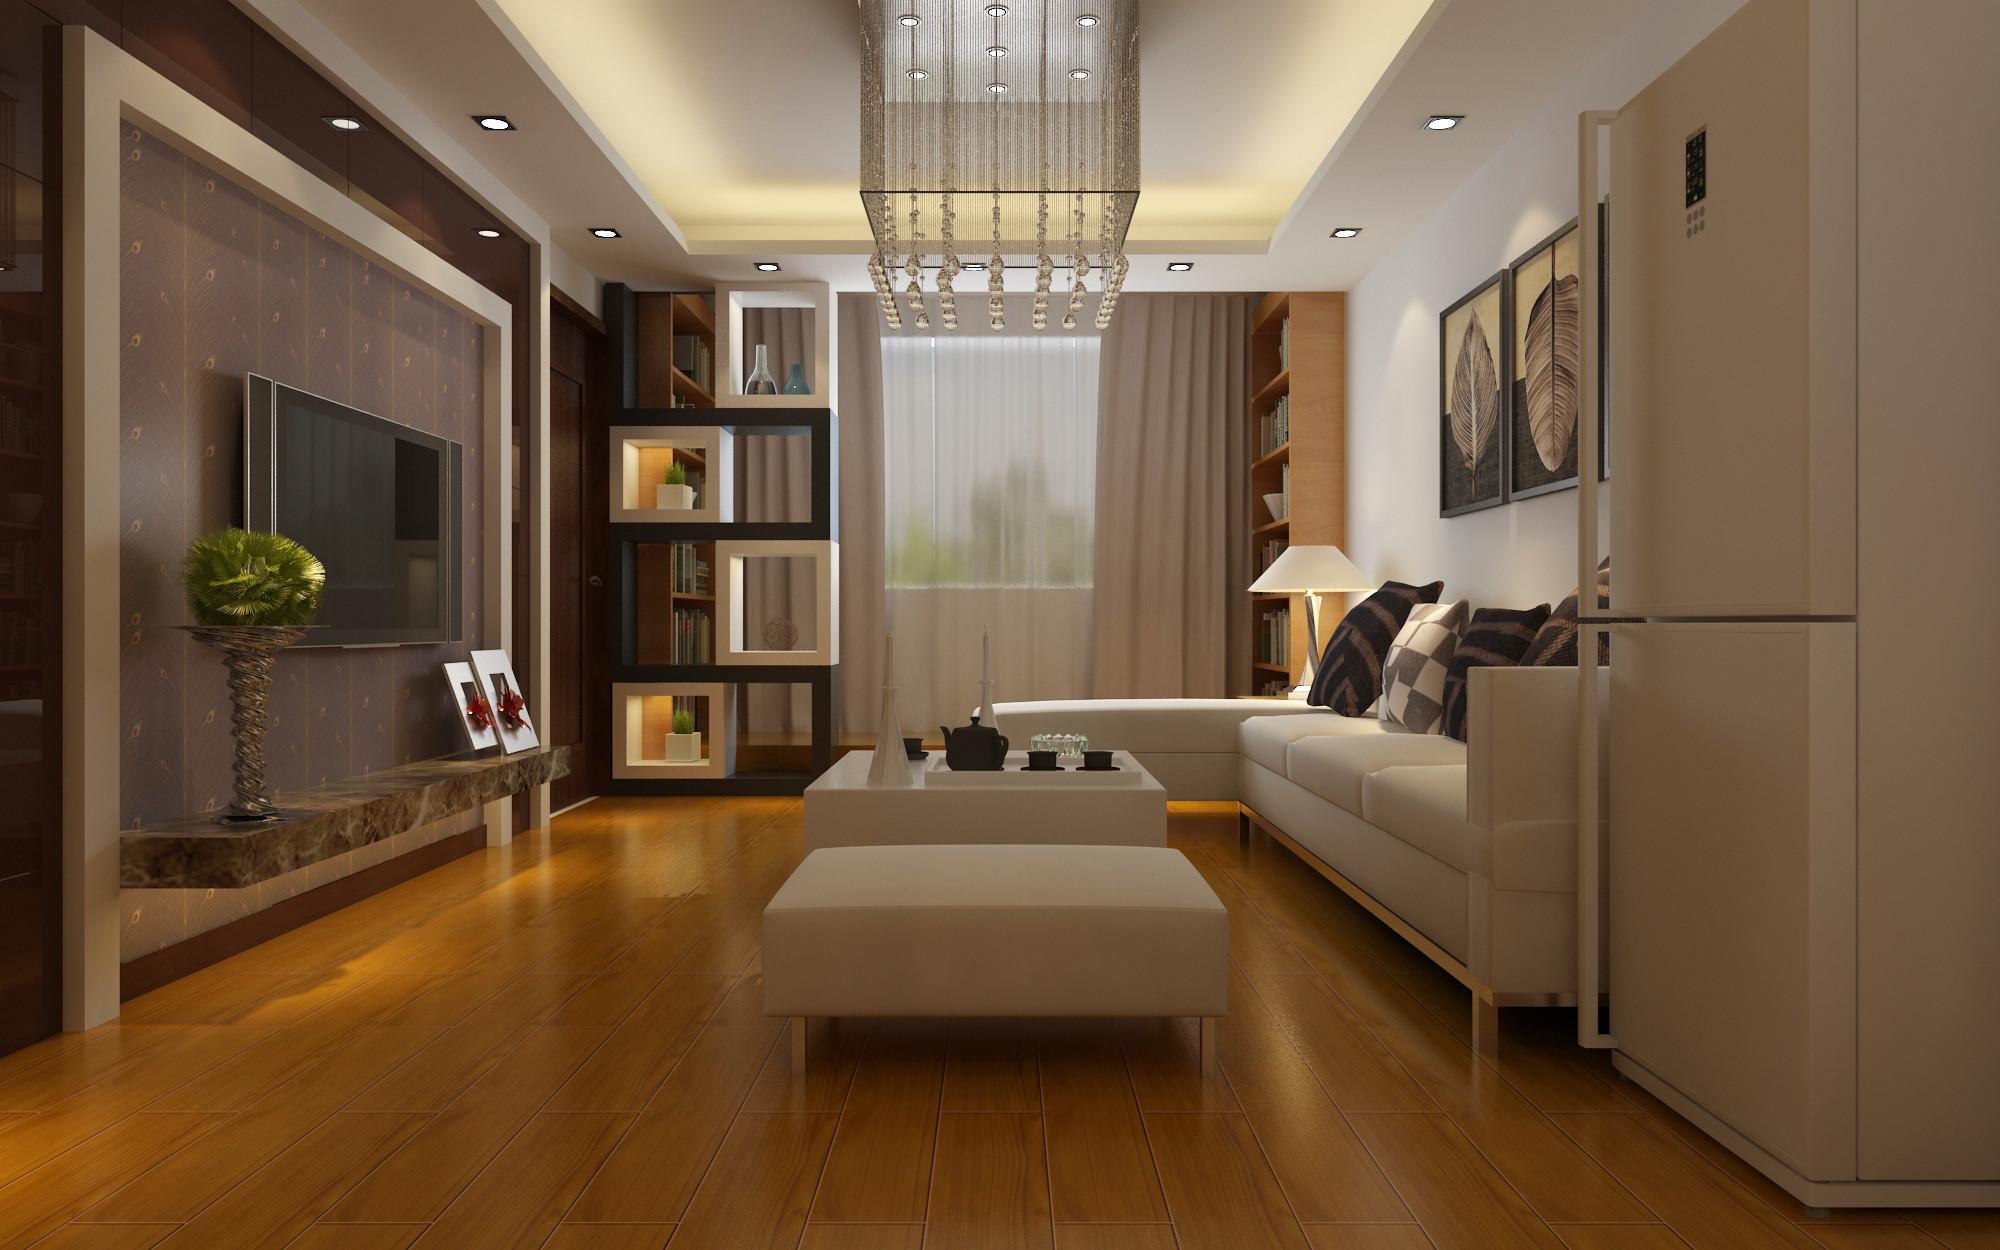 简约 二居 客厅图片来自实创装饰上海公司在简约风格-两居室的分享